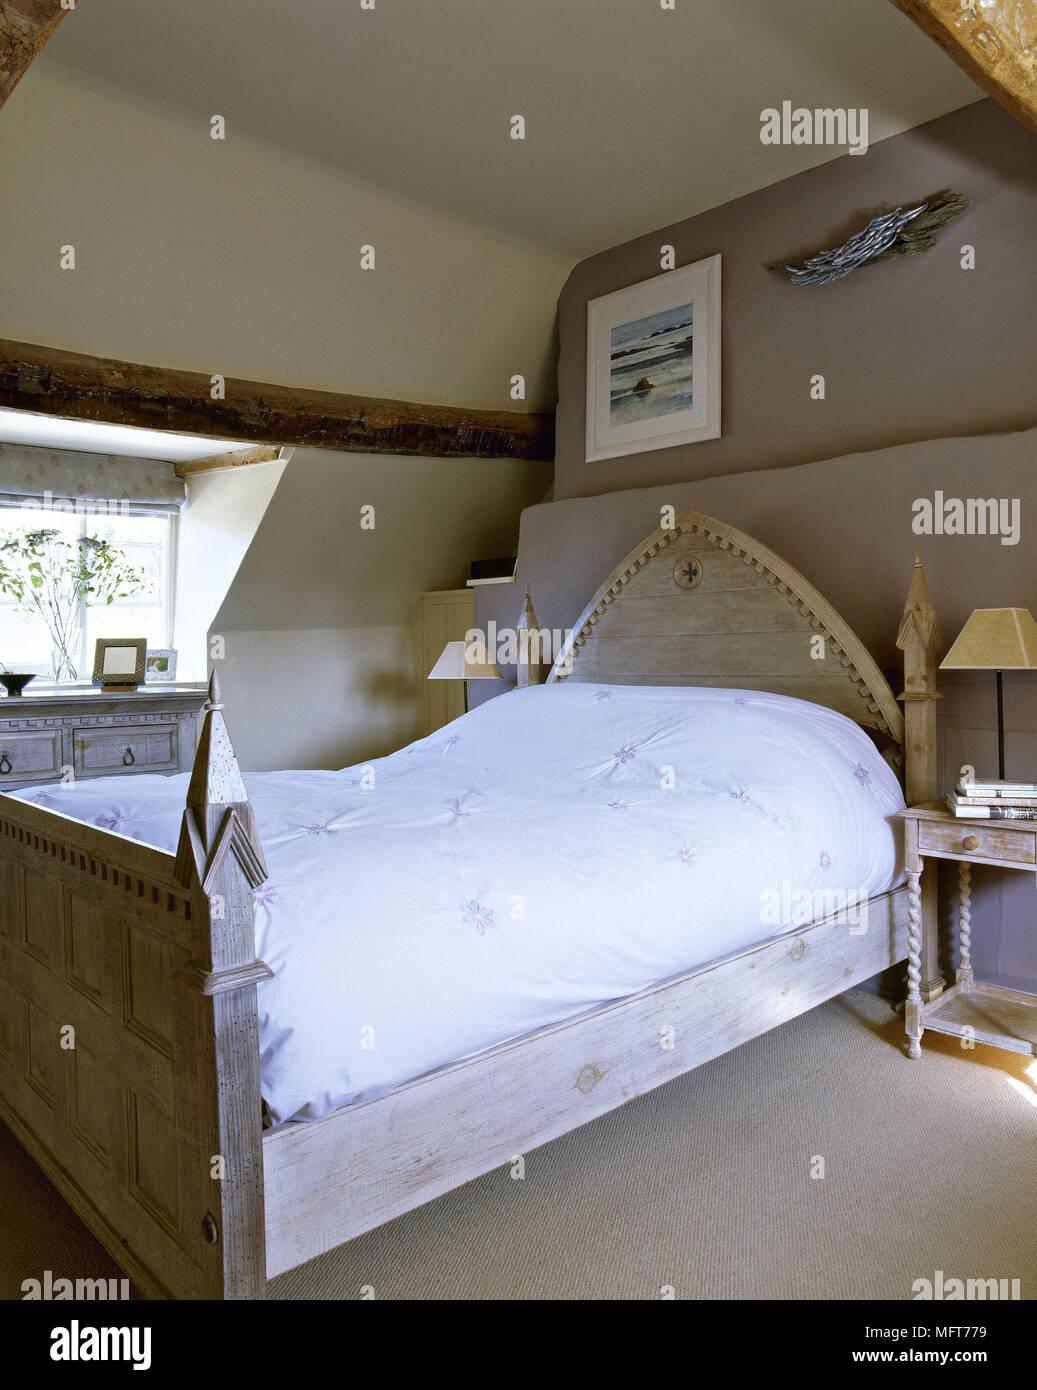 Landhausstil Schlafzimmer Mit Deckenbalken Aus Holz Geschnitzte Bett Weiße  Abdeckung Braune Wände